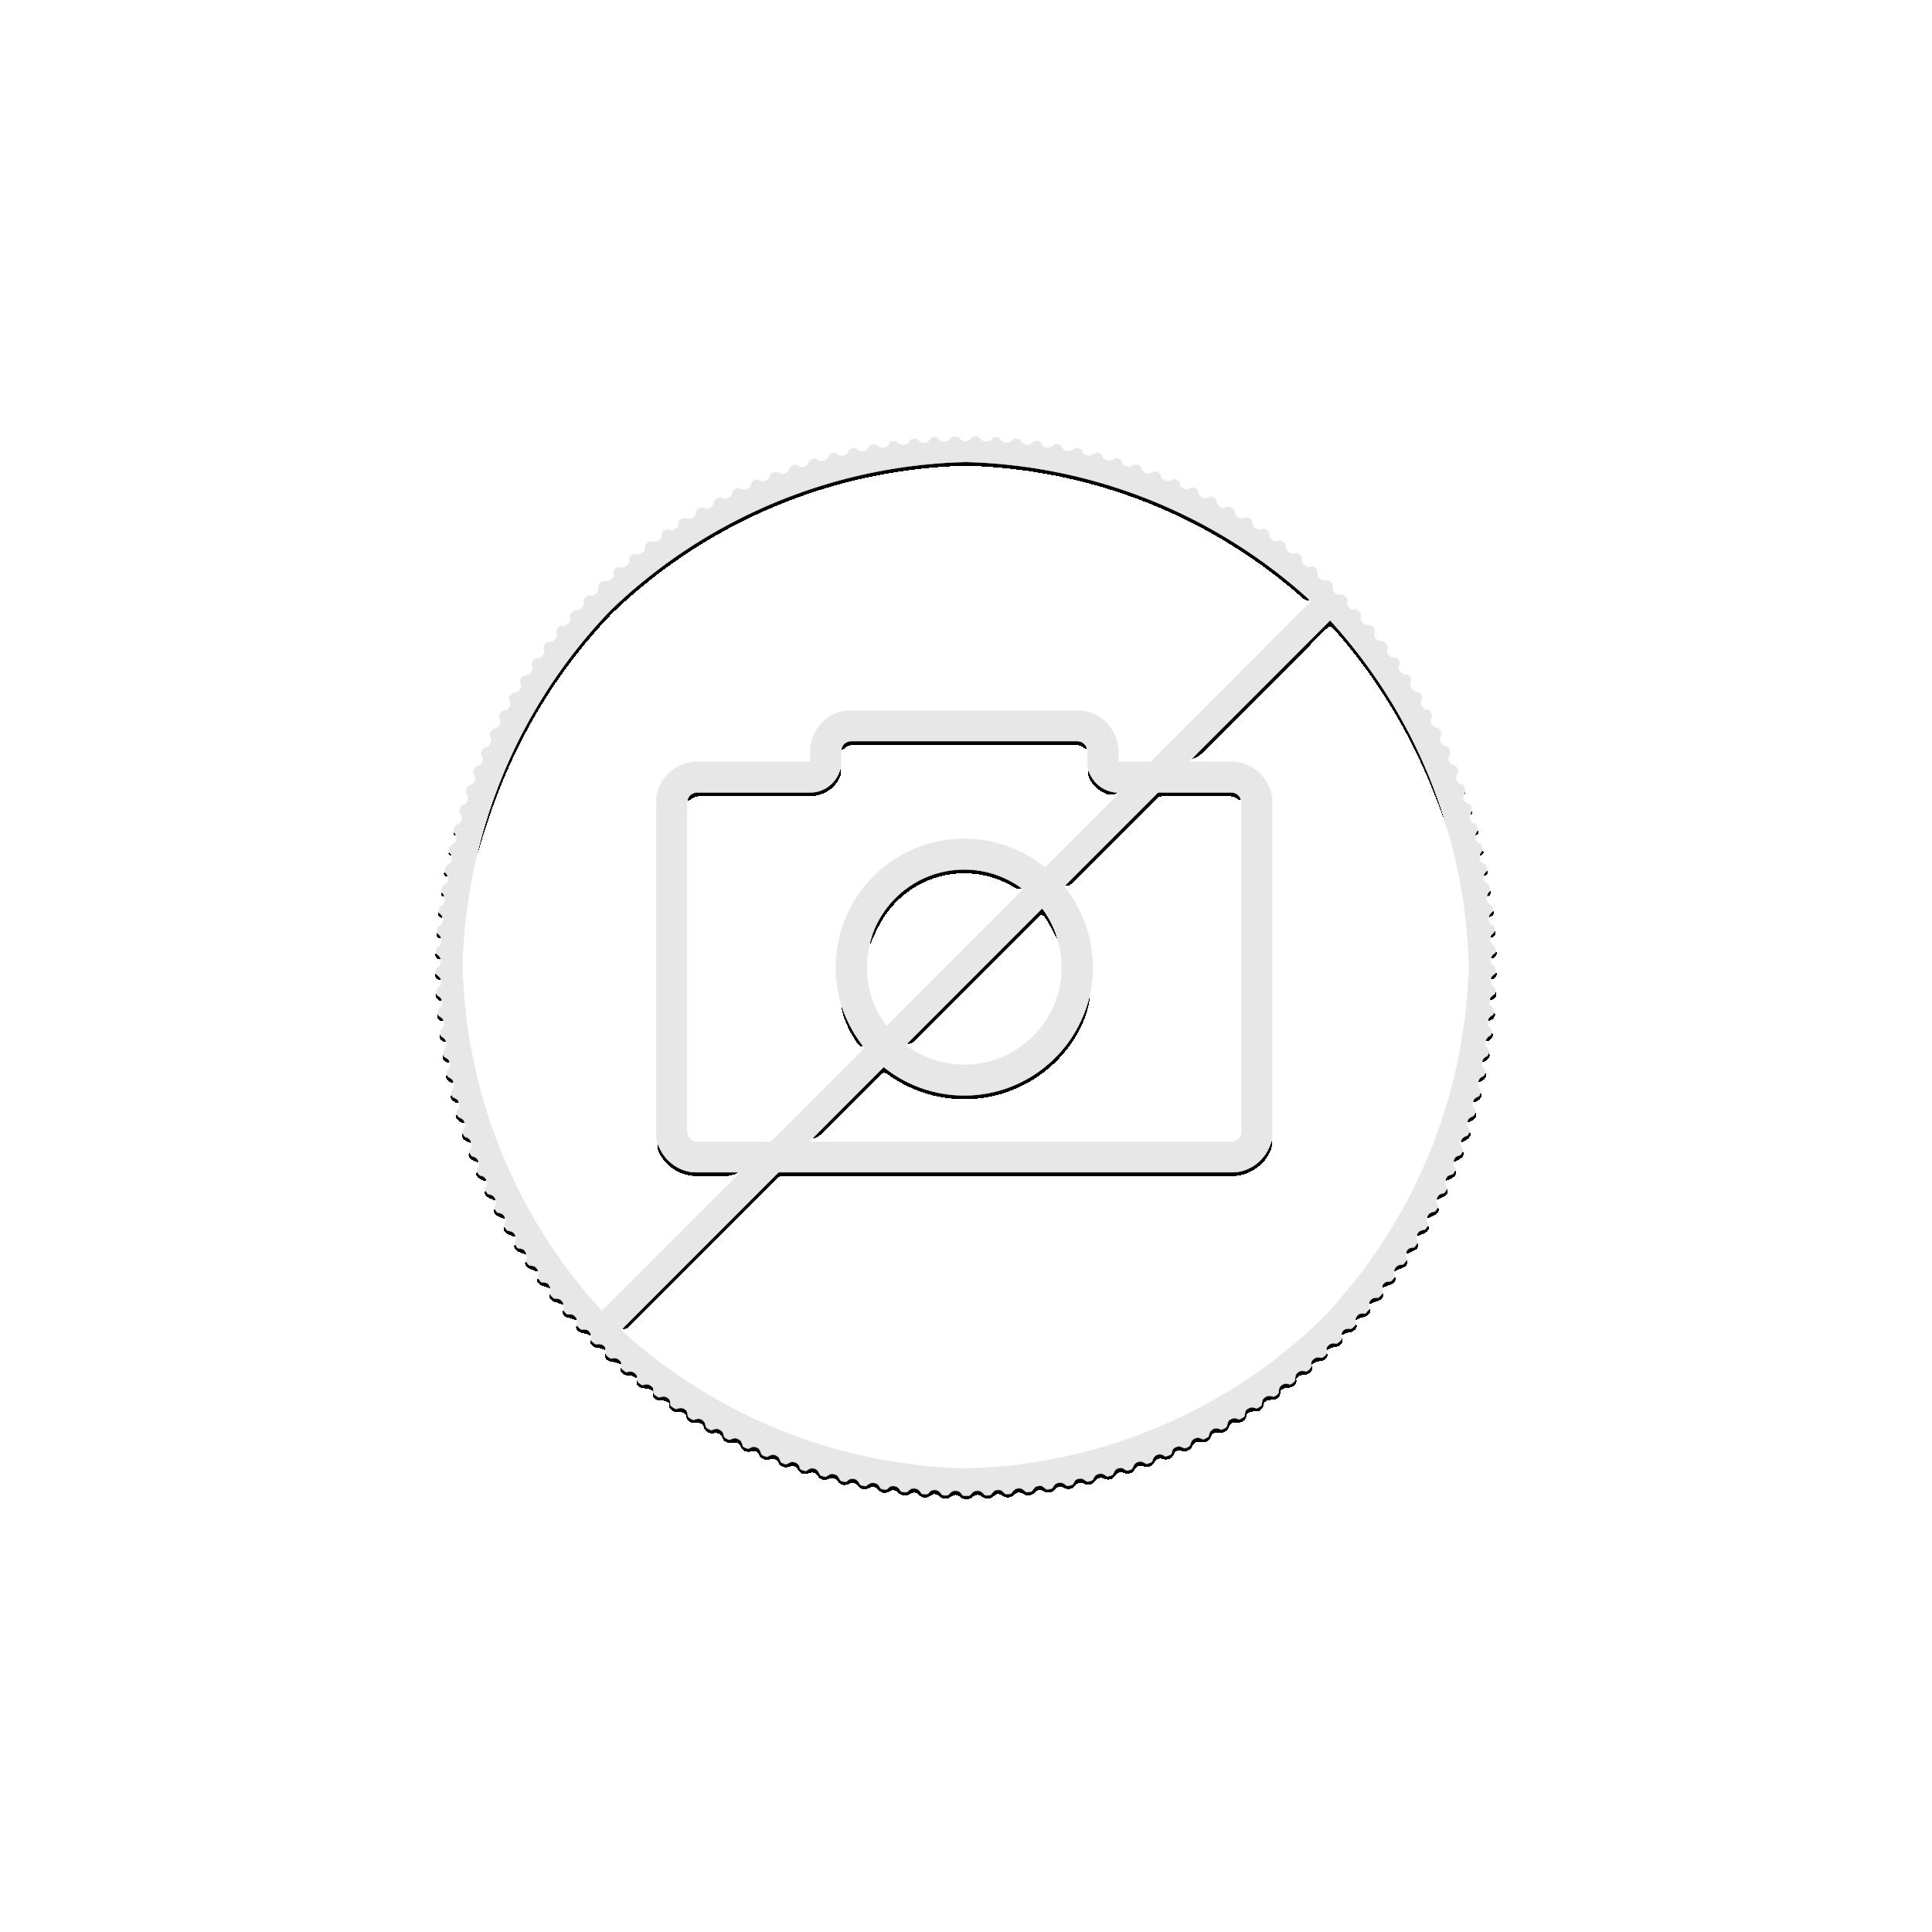 Vlaggen van de Verenigde Naties in .925 zilver